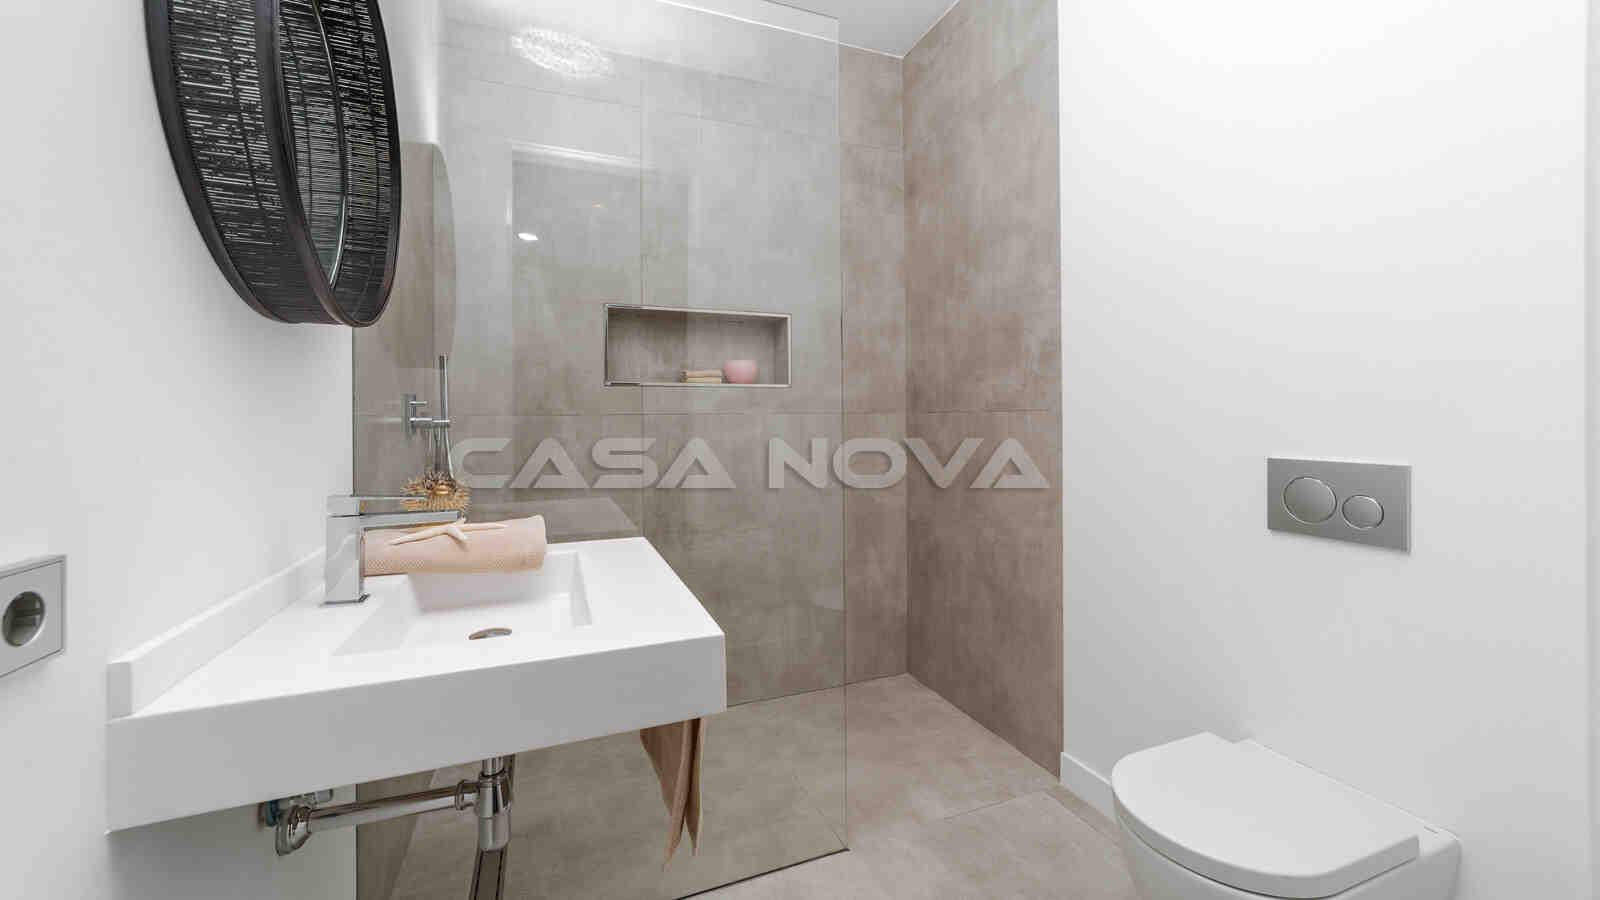 Badezimmer mit modernen Armatouren